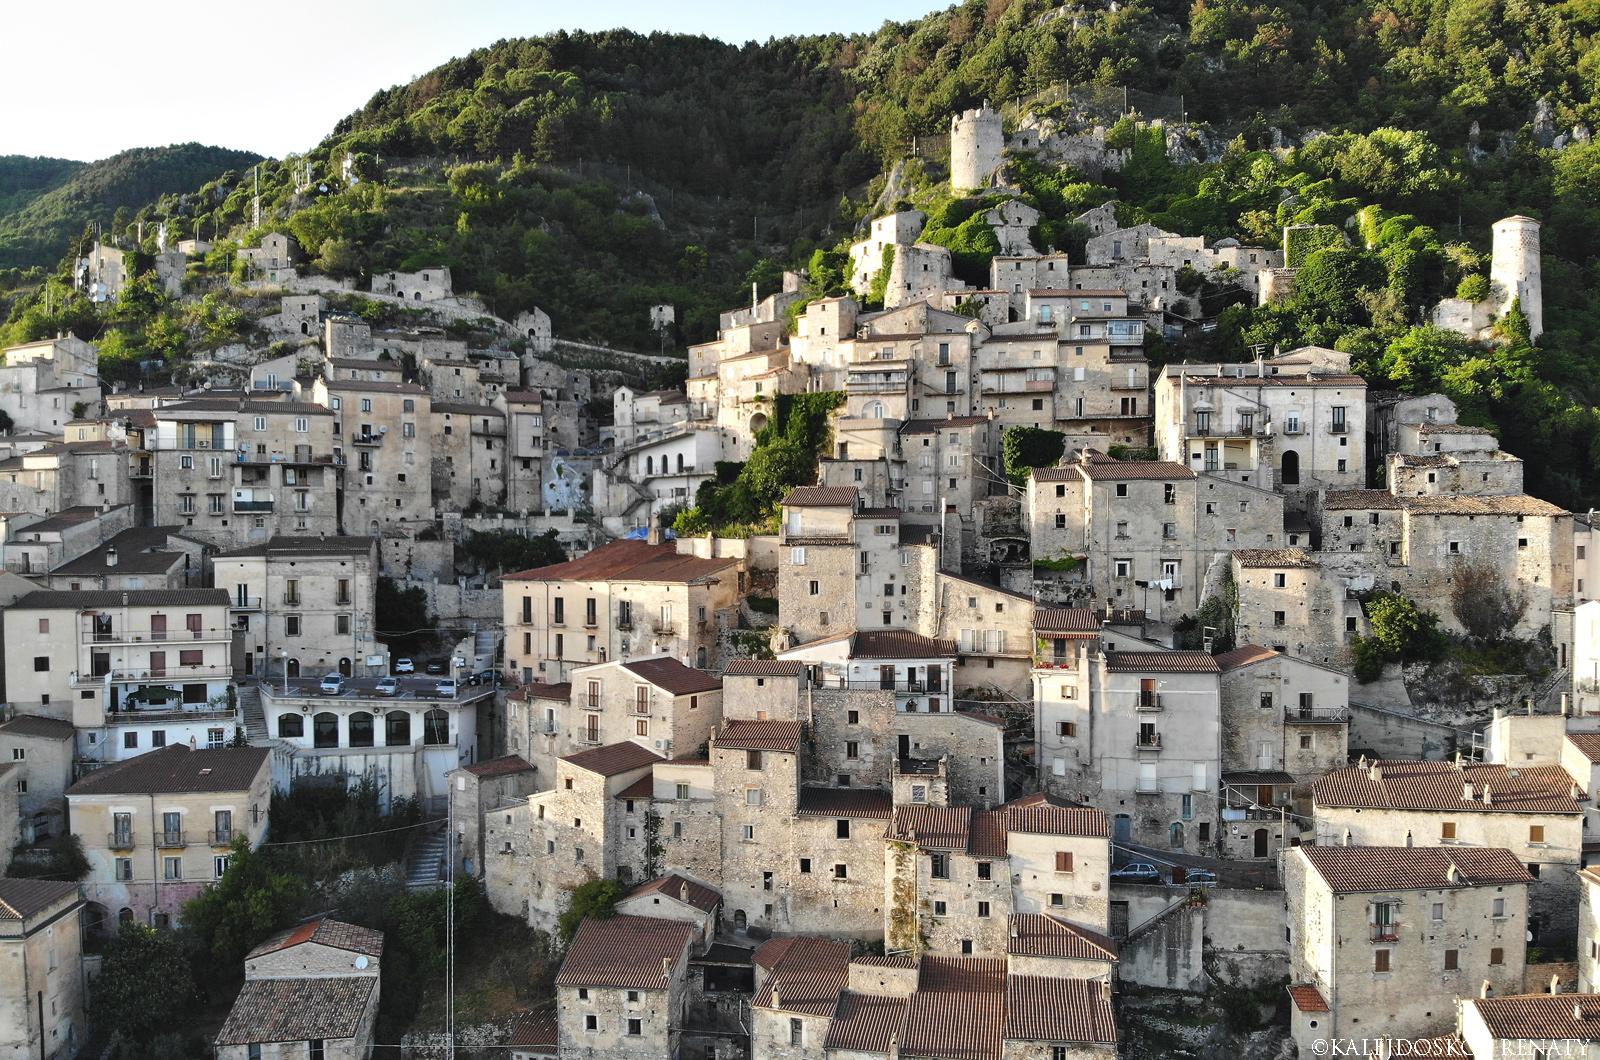 Topografia miasteczka Pesche widziana z drona